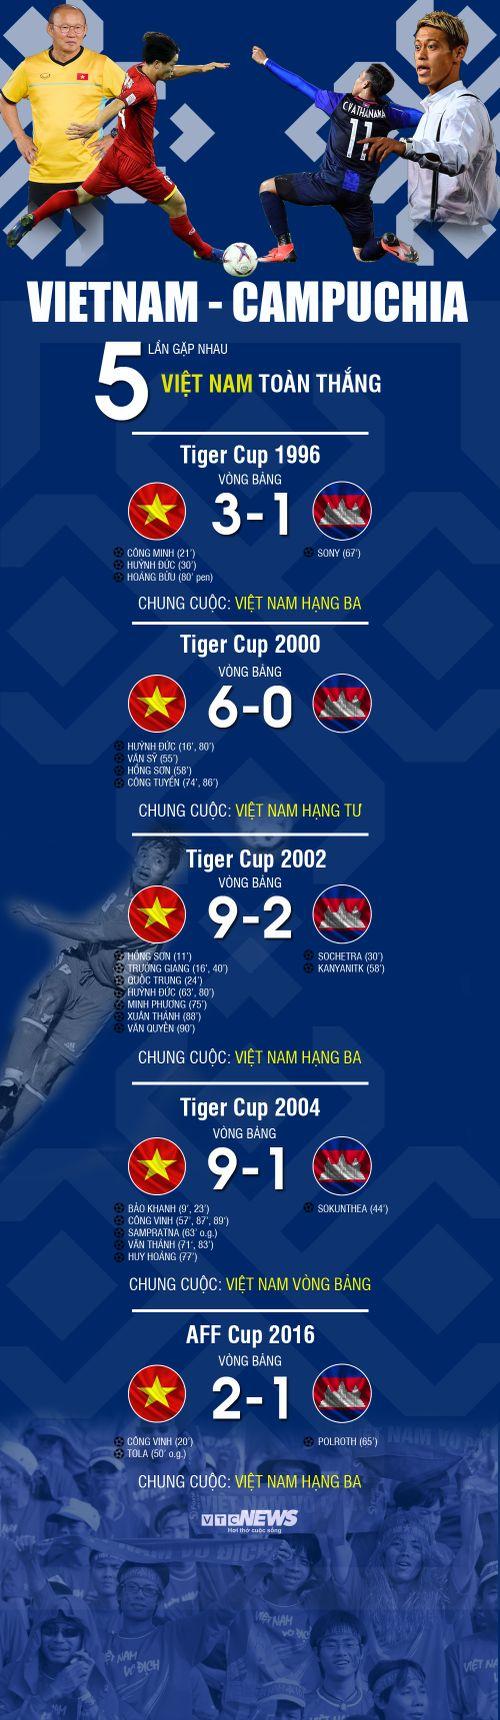 Infographic: Thống kê Việt Nam vs Campuchia khiến HLV Honda 'rùng mình'